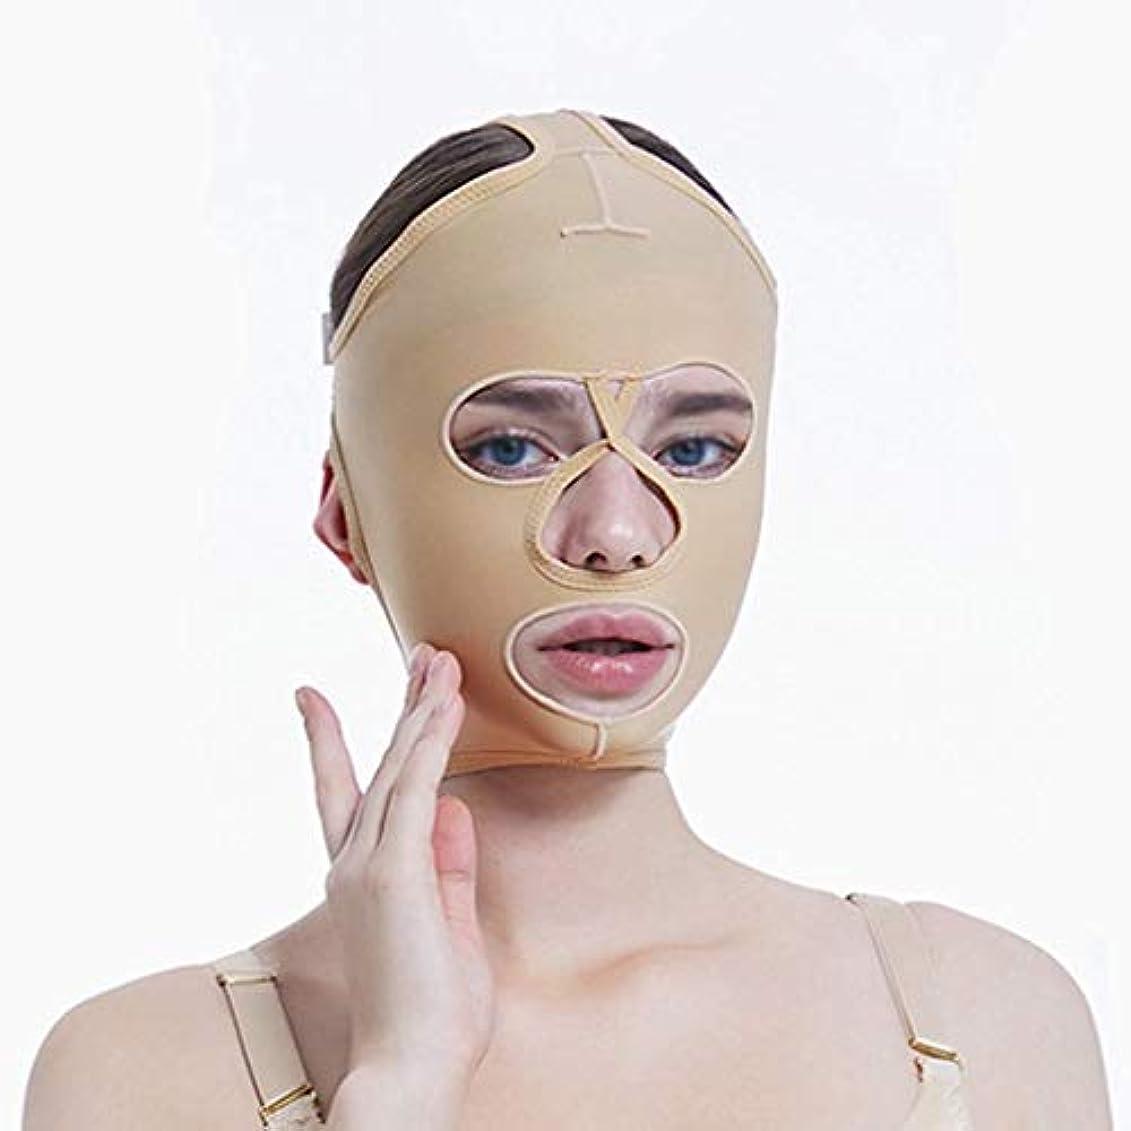 重なるクラス補足チンリフティングベルト、超薄型ベルト、引き締めマスク、包帯吊り、フェイスリフティングマスク、超薄型ベルト、通気性(サイズ:L),M